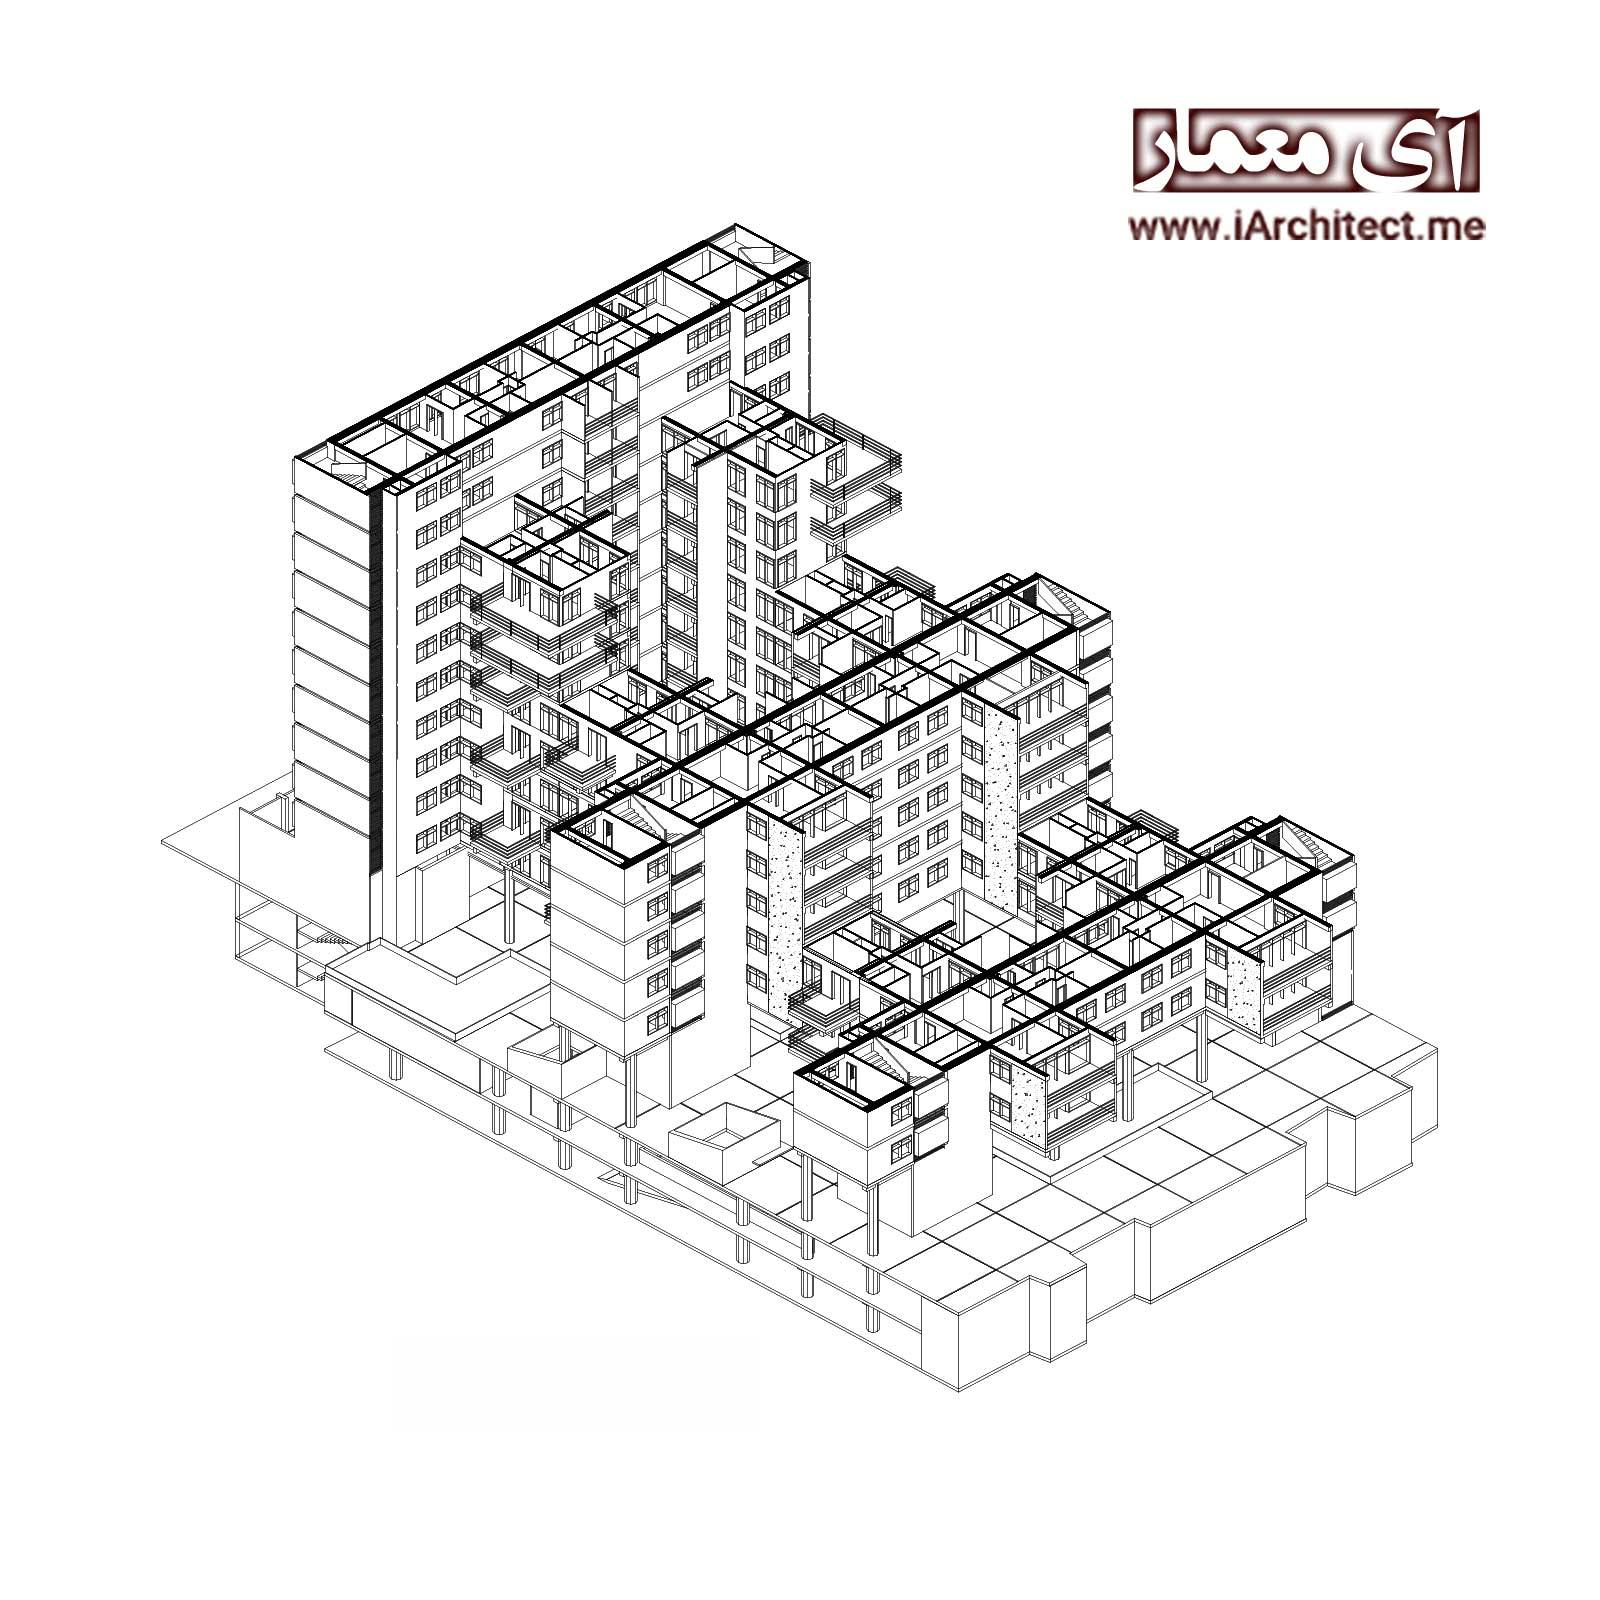 پلان مجتمع مسکونی 12 واحدی 13 طبقه لاکچری